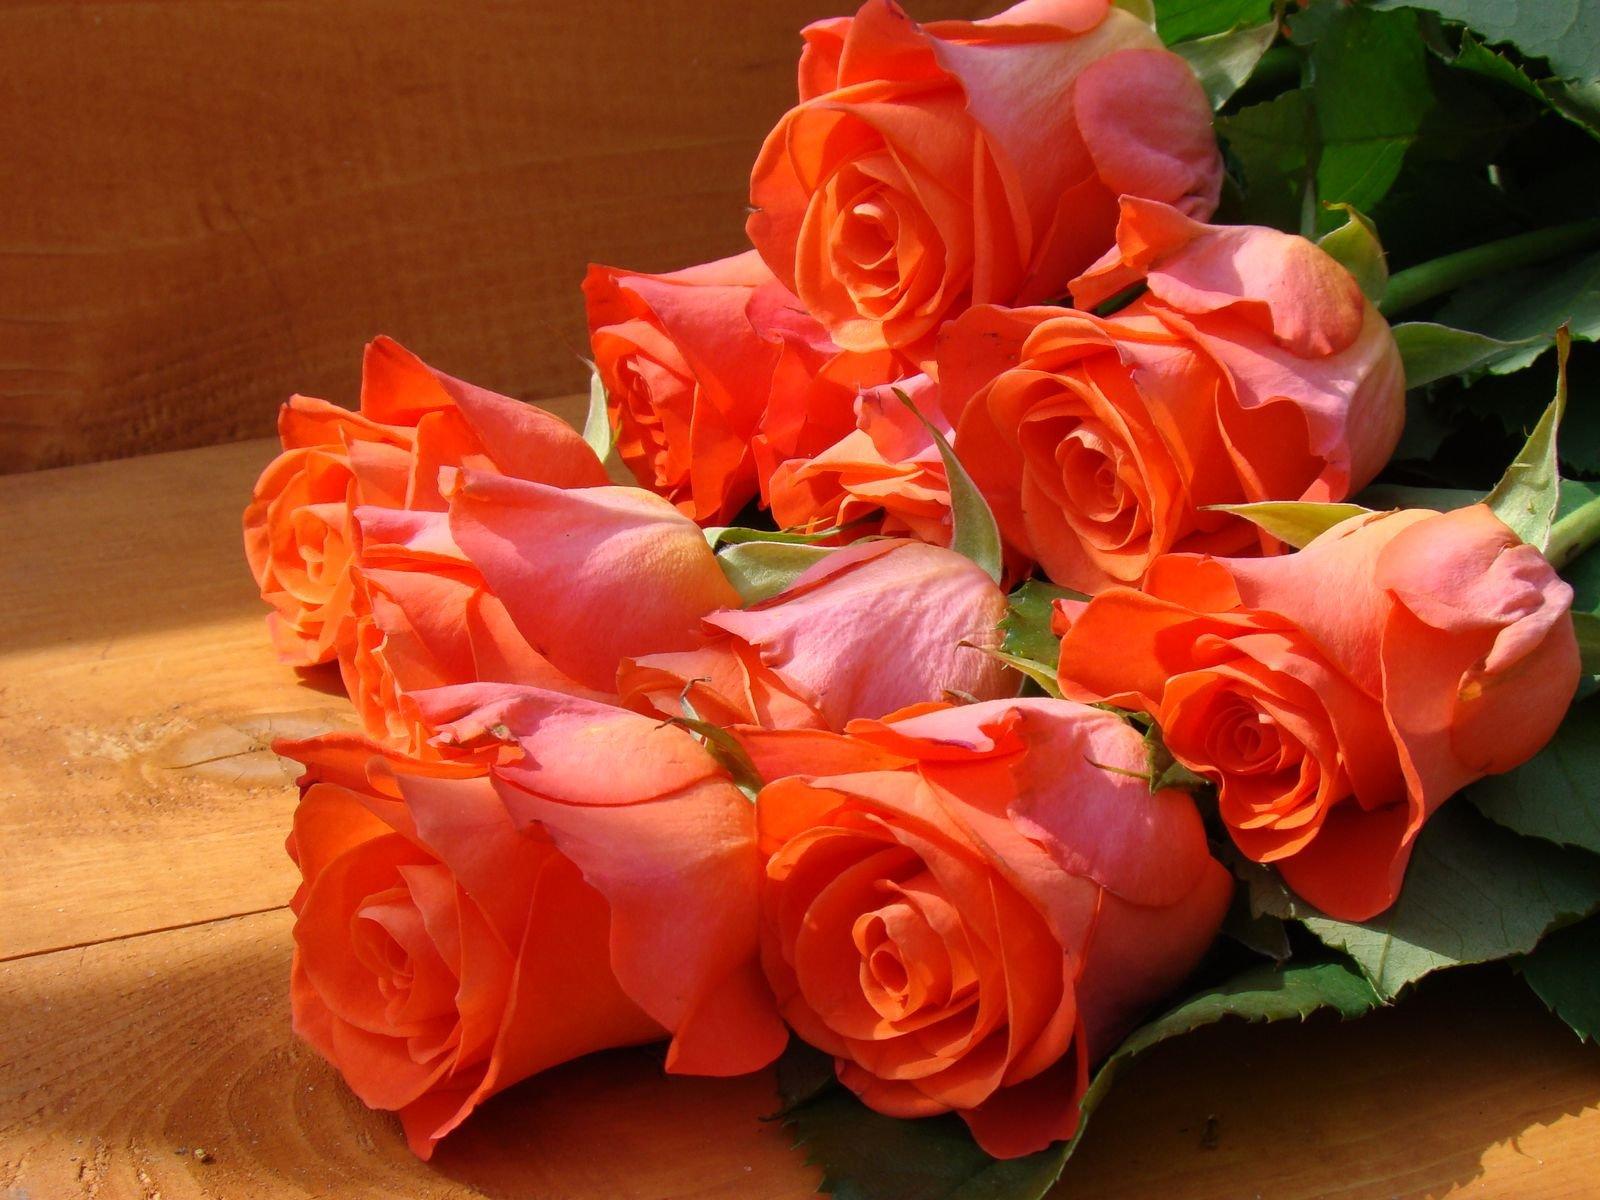 Виктор лекарь эти розы для тебя Cлушать и скачать